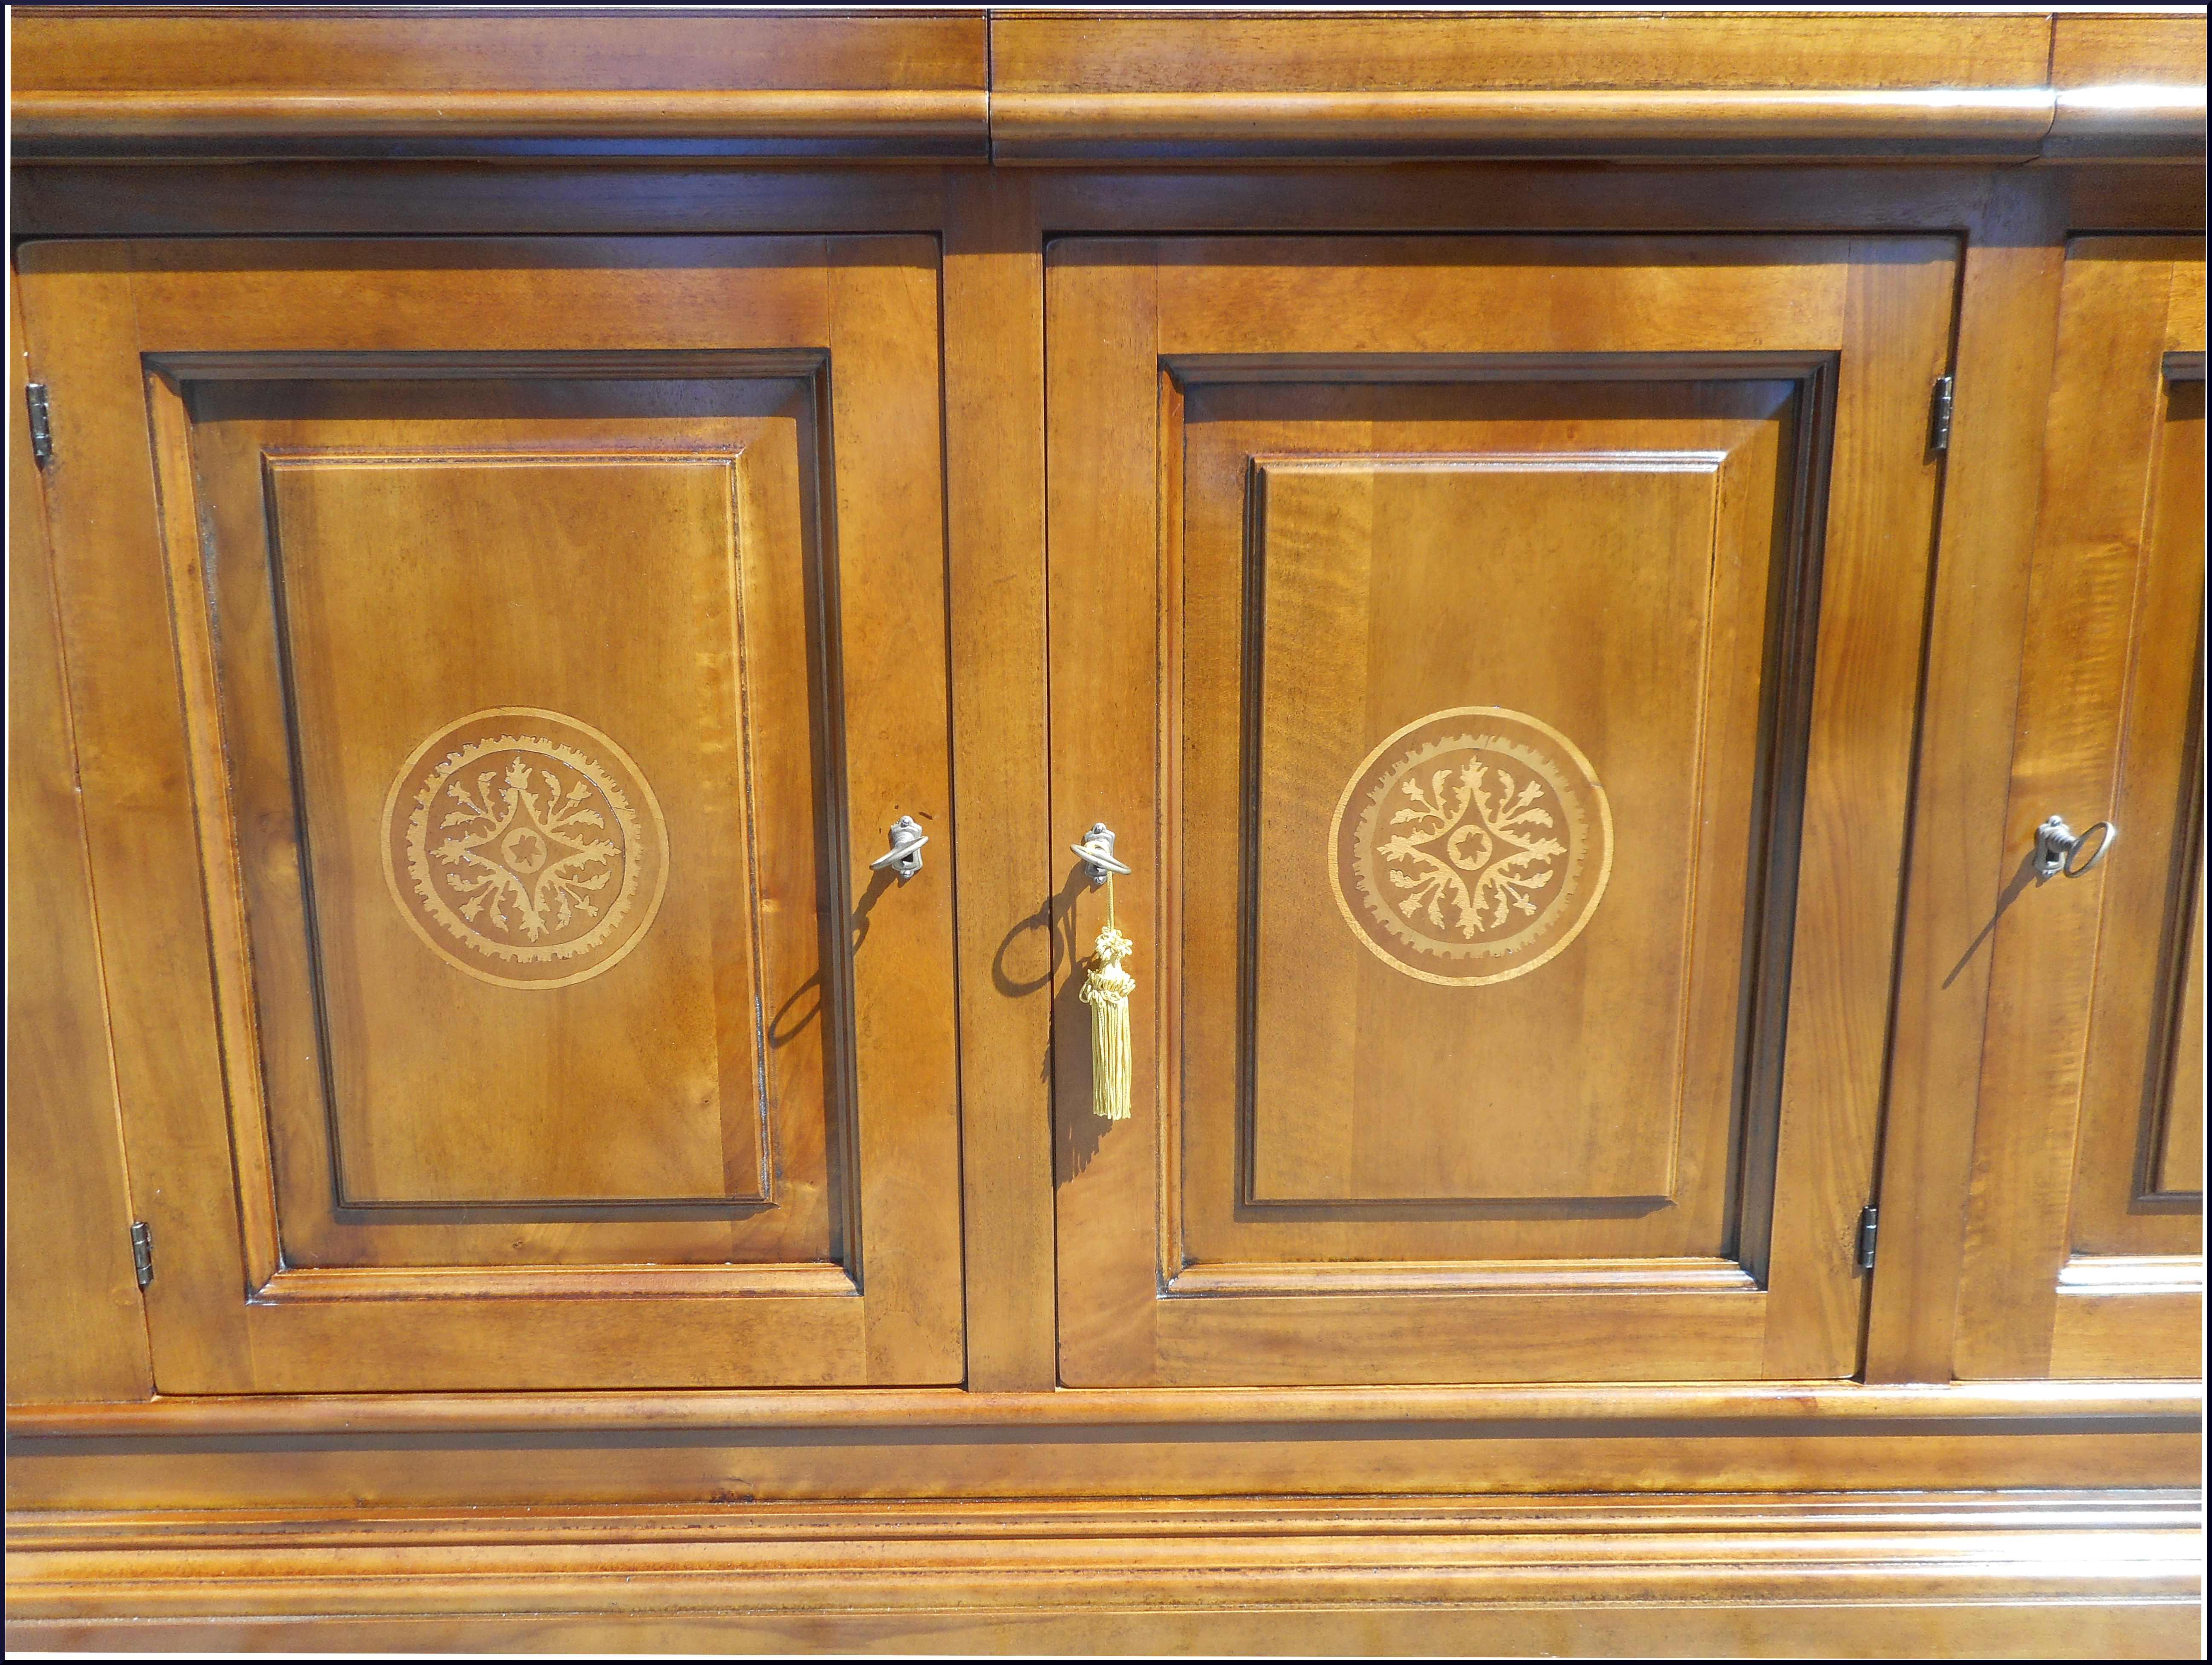 Credenza tre porte con intarsio geometrico